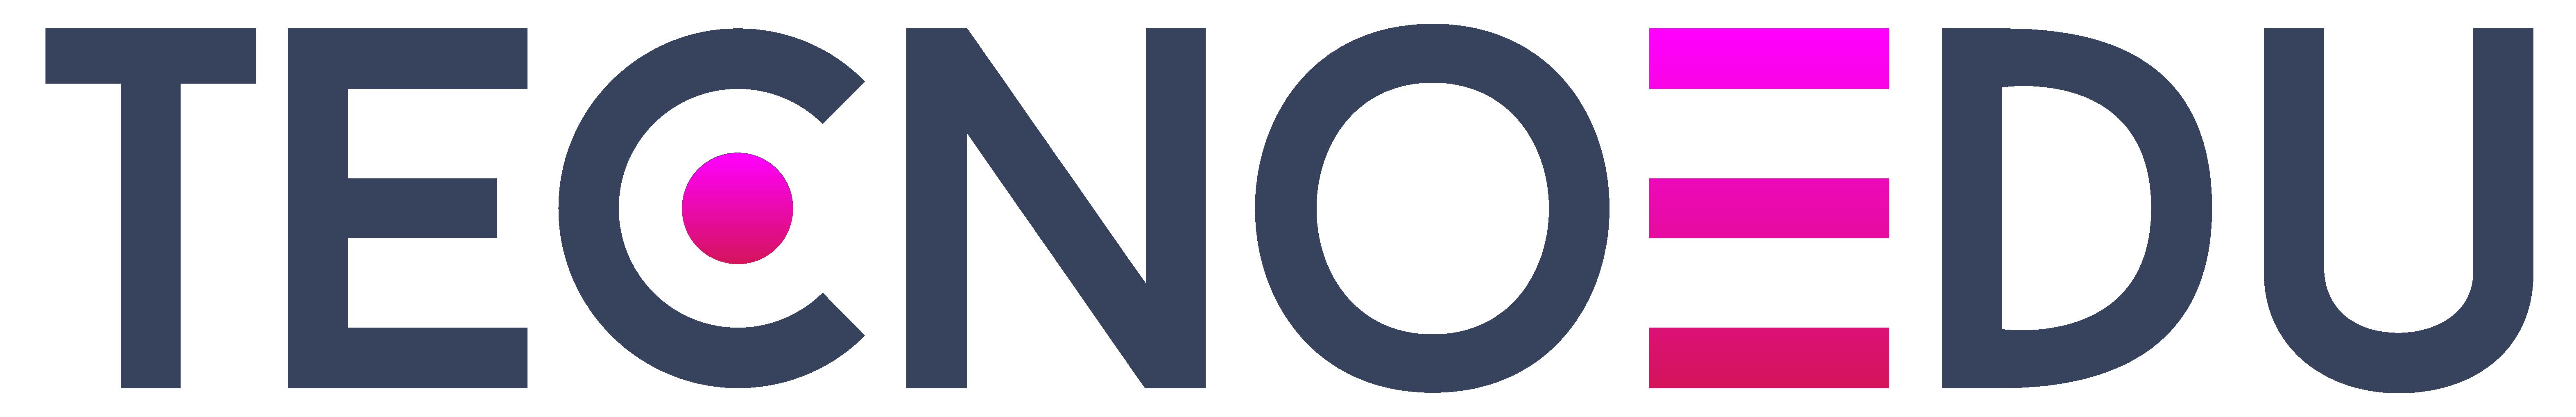 TecnoEdu